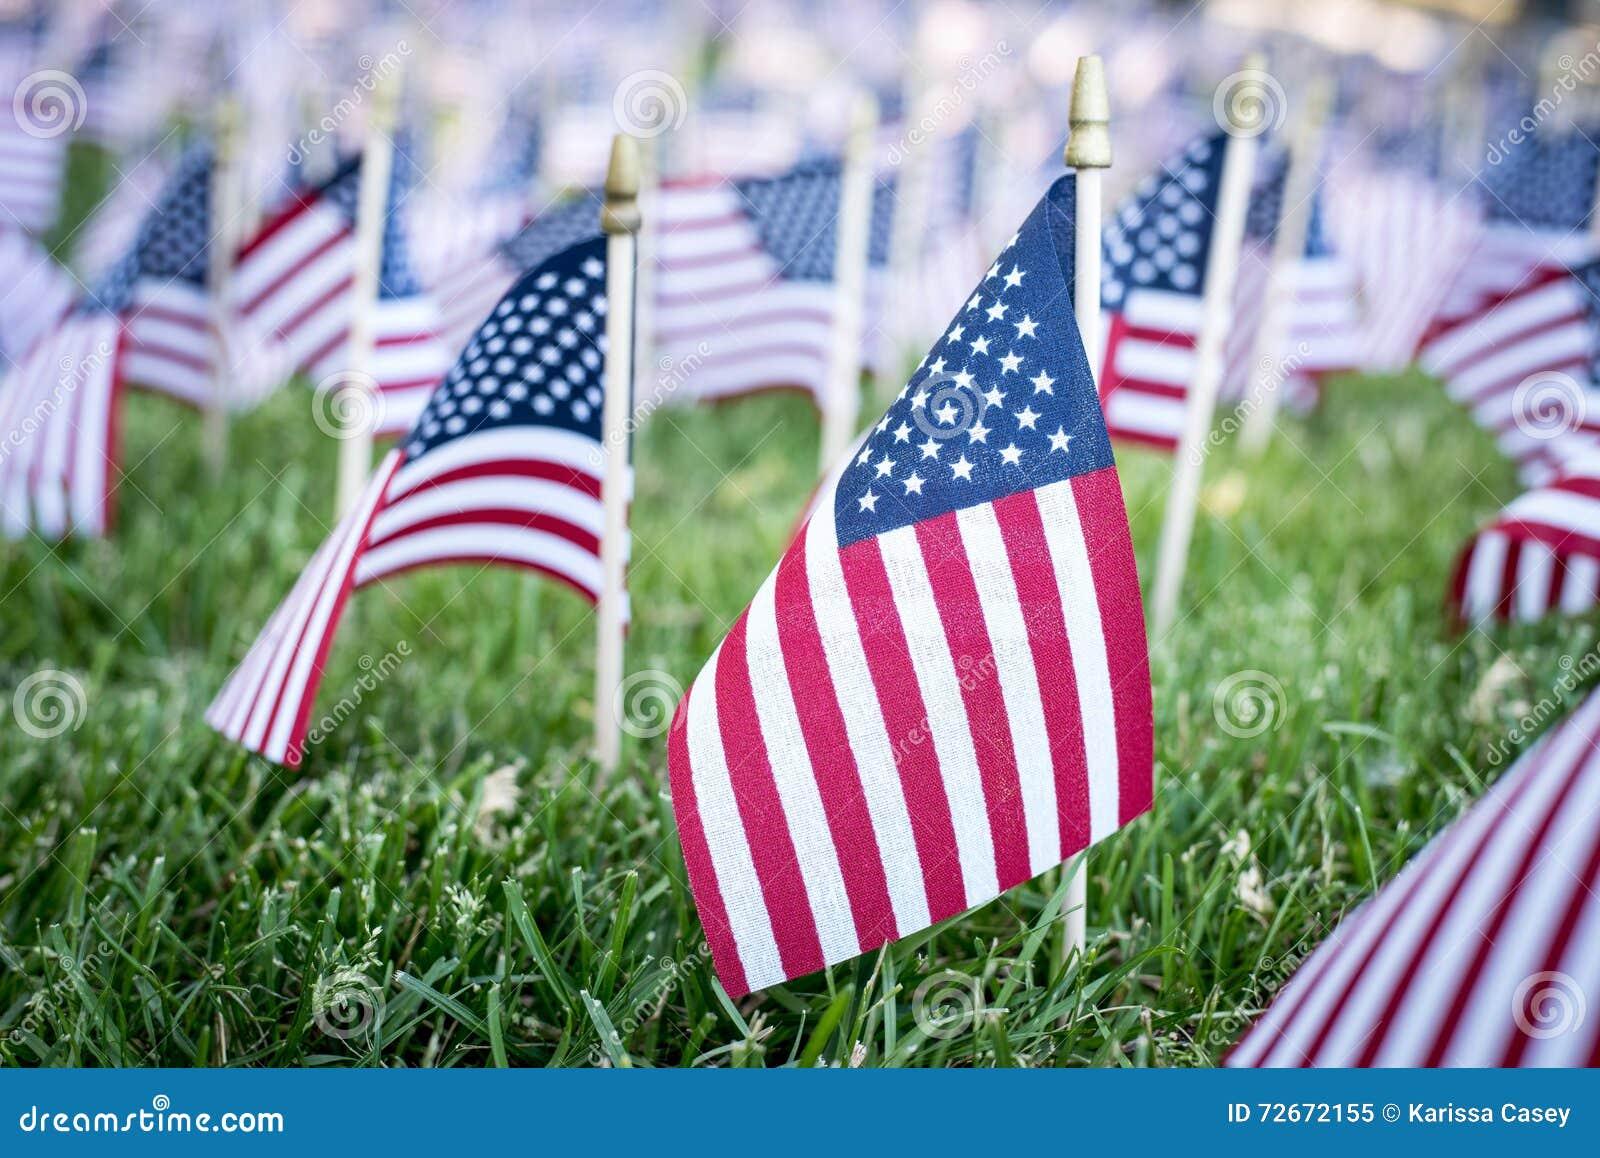 Μικρές αμερικανικές σημαίες